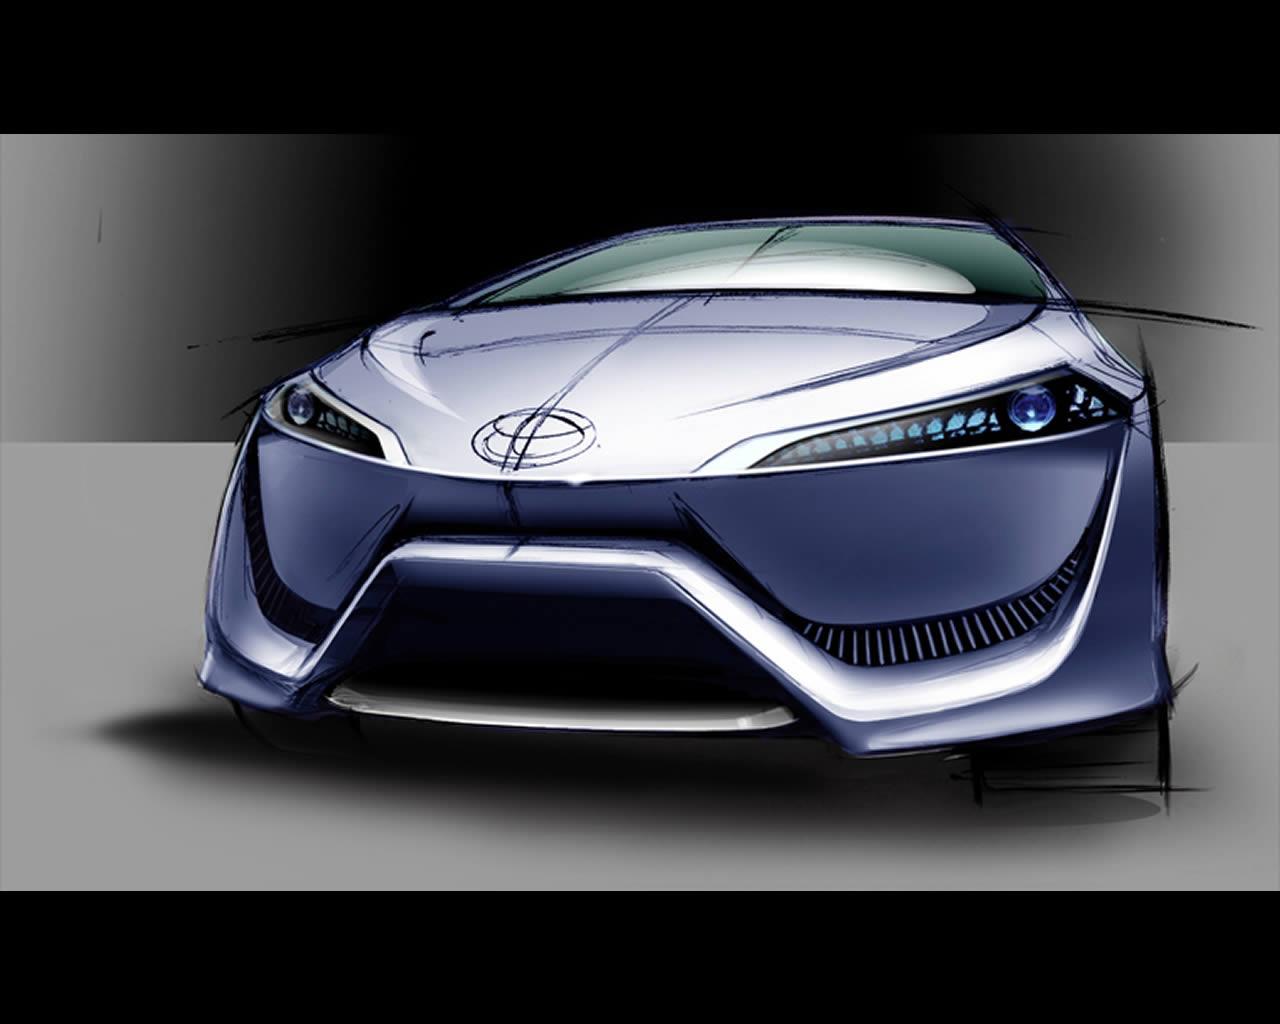 toyota fcv r hydrogen fuel cell electric sedan concept for 2015. Black Bedroom Furniture Sets. Home Design Ideas